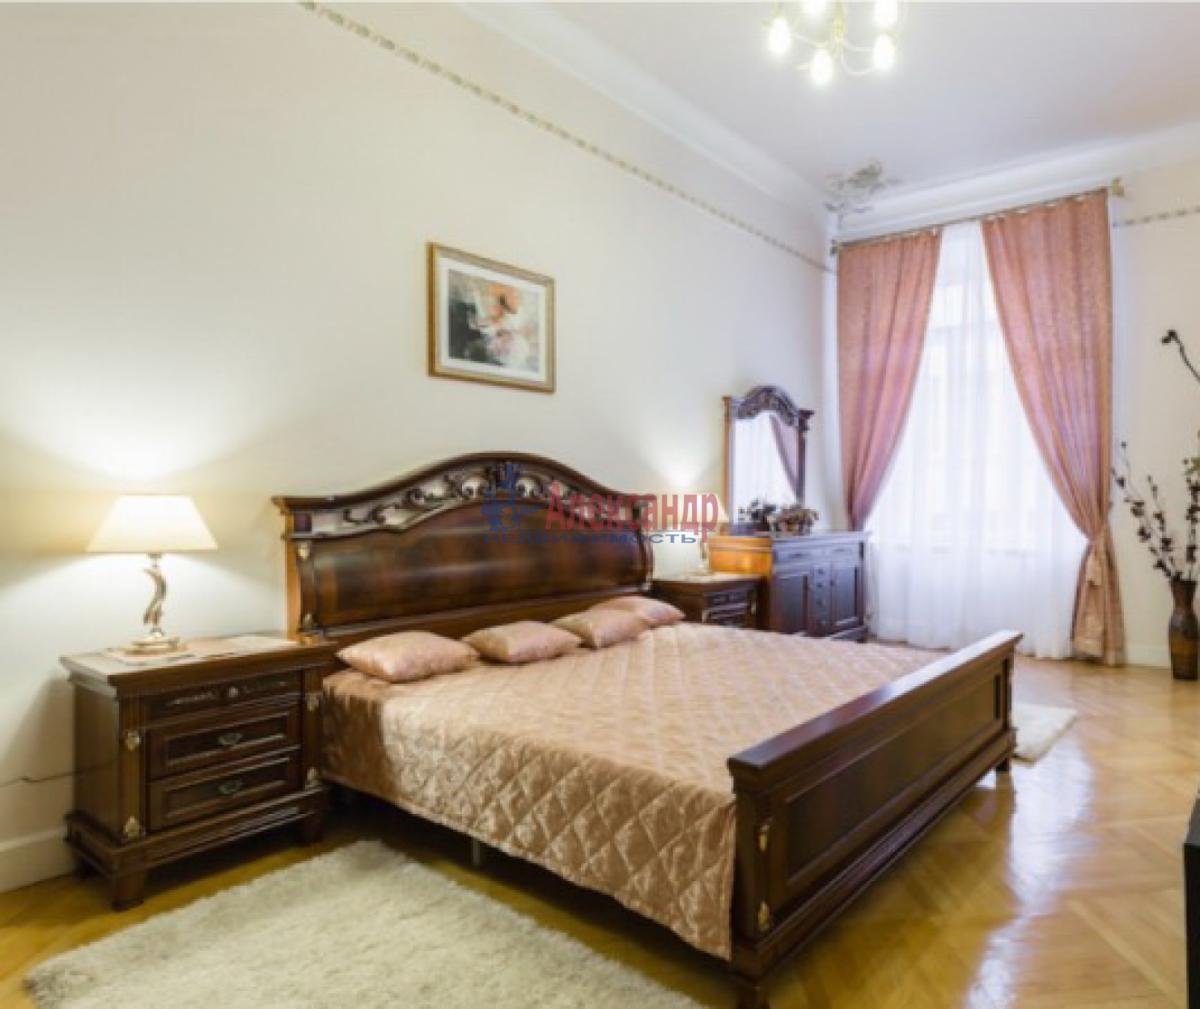 1-комнатная квартира (35м2) в аренду по адресу Дачный пр., 3— фото 1 из 4